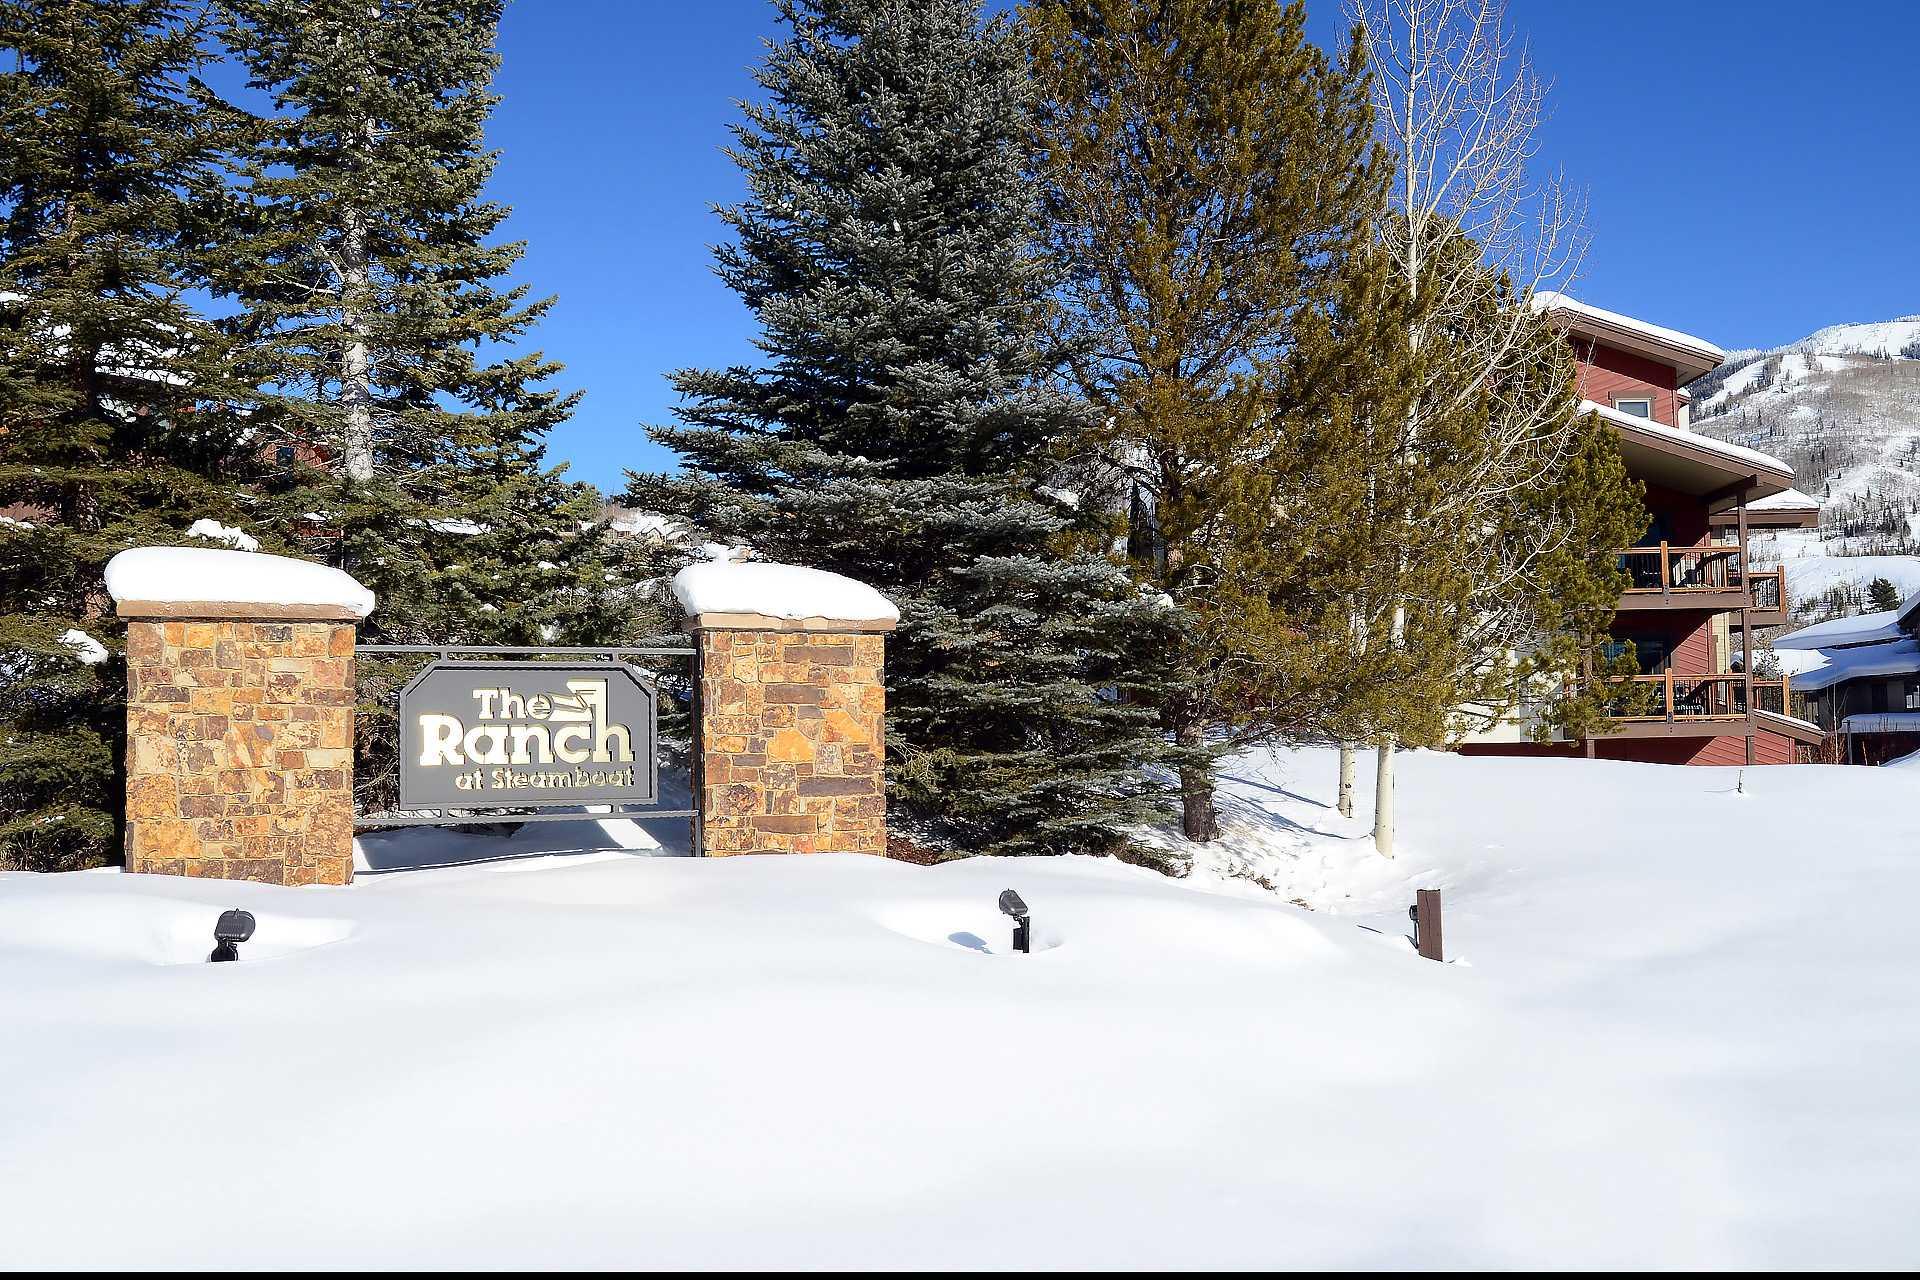 RA204: Ranch at Steamboat